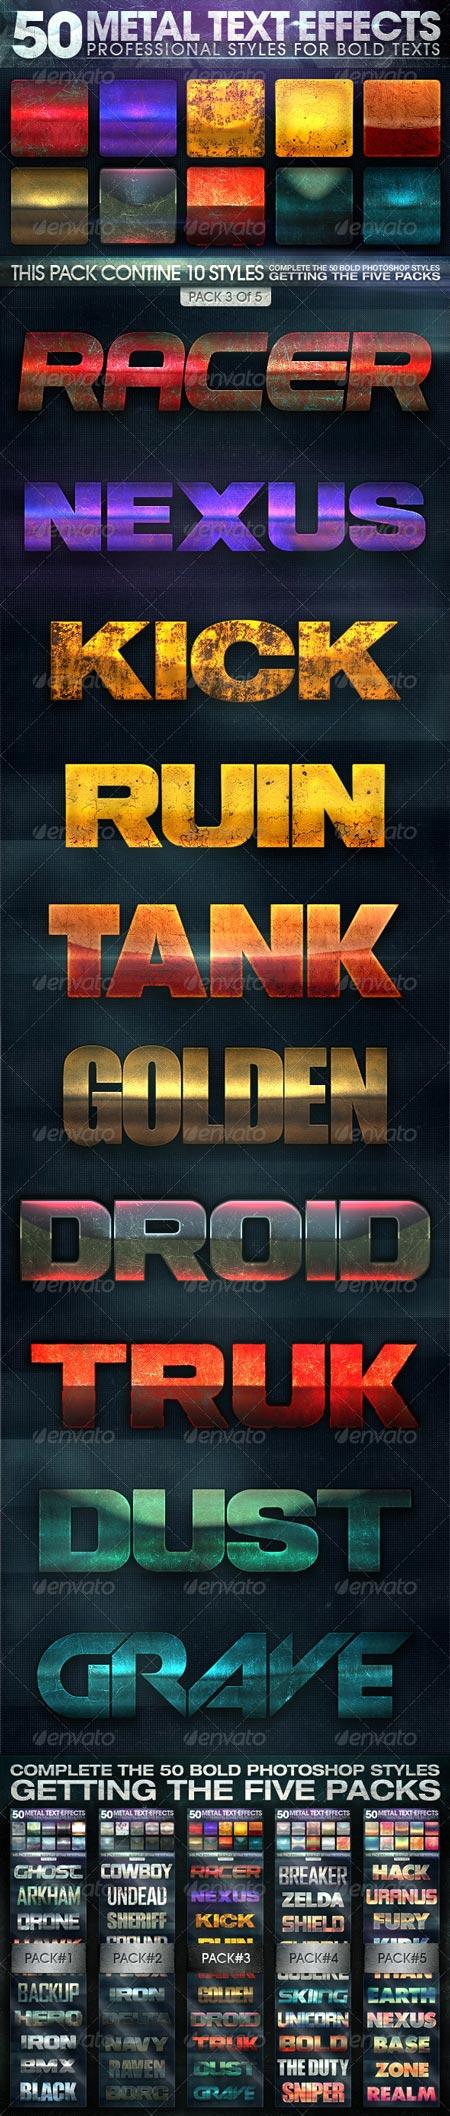 http://img-fotki.yandex.ru/get/9815/222405017.108/0_d0eac_36a8634b_orig